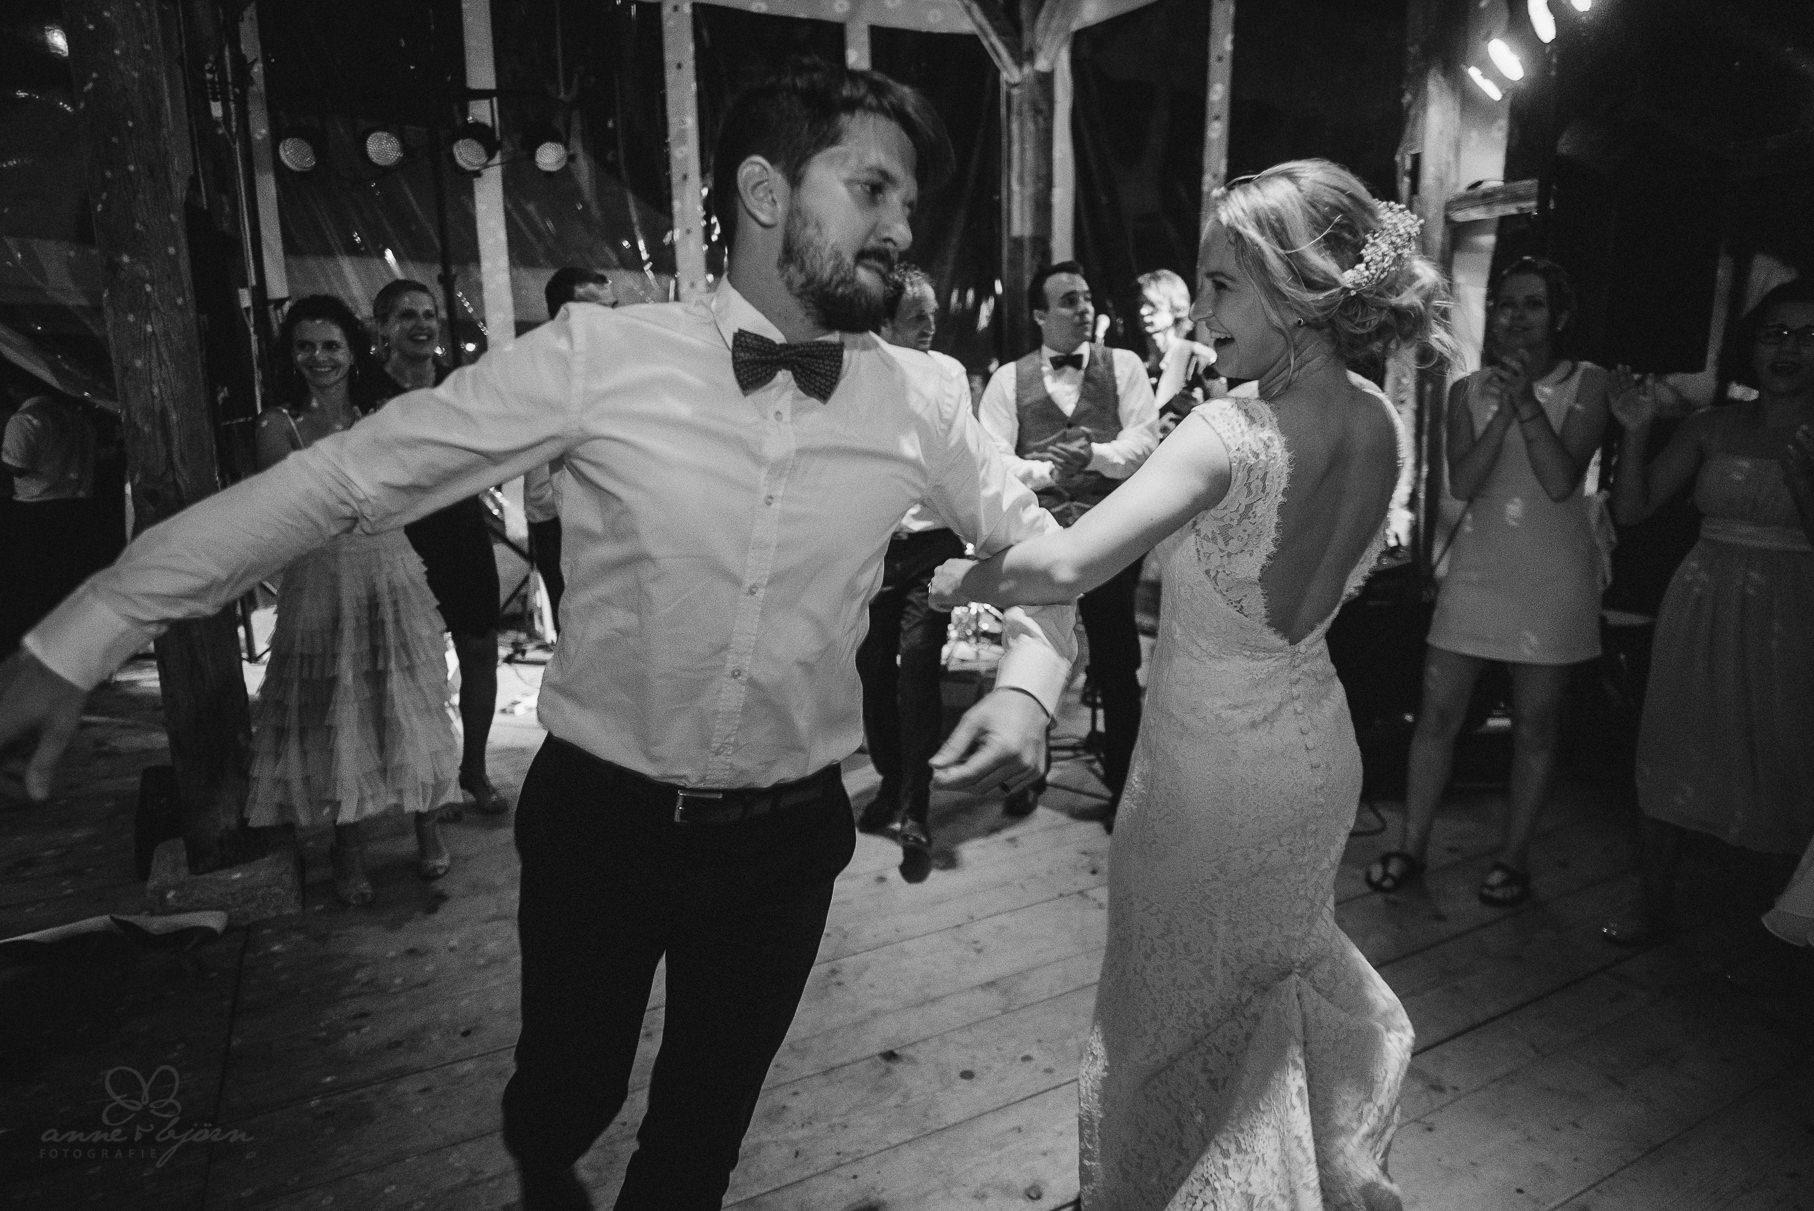 0151 anne und bjoern hochzeit schweiz d75 2664 - DIY Hochzeit in der Schweiz - Sabrina & Christoph